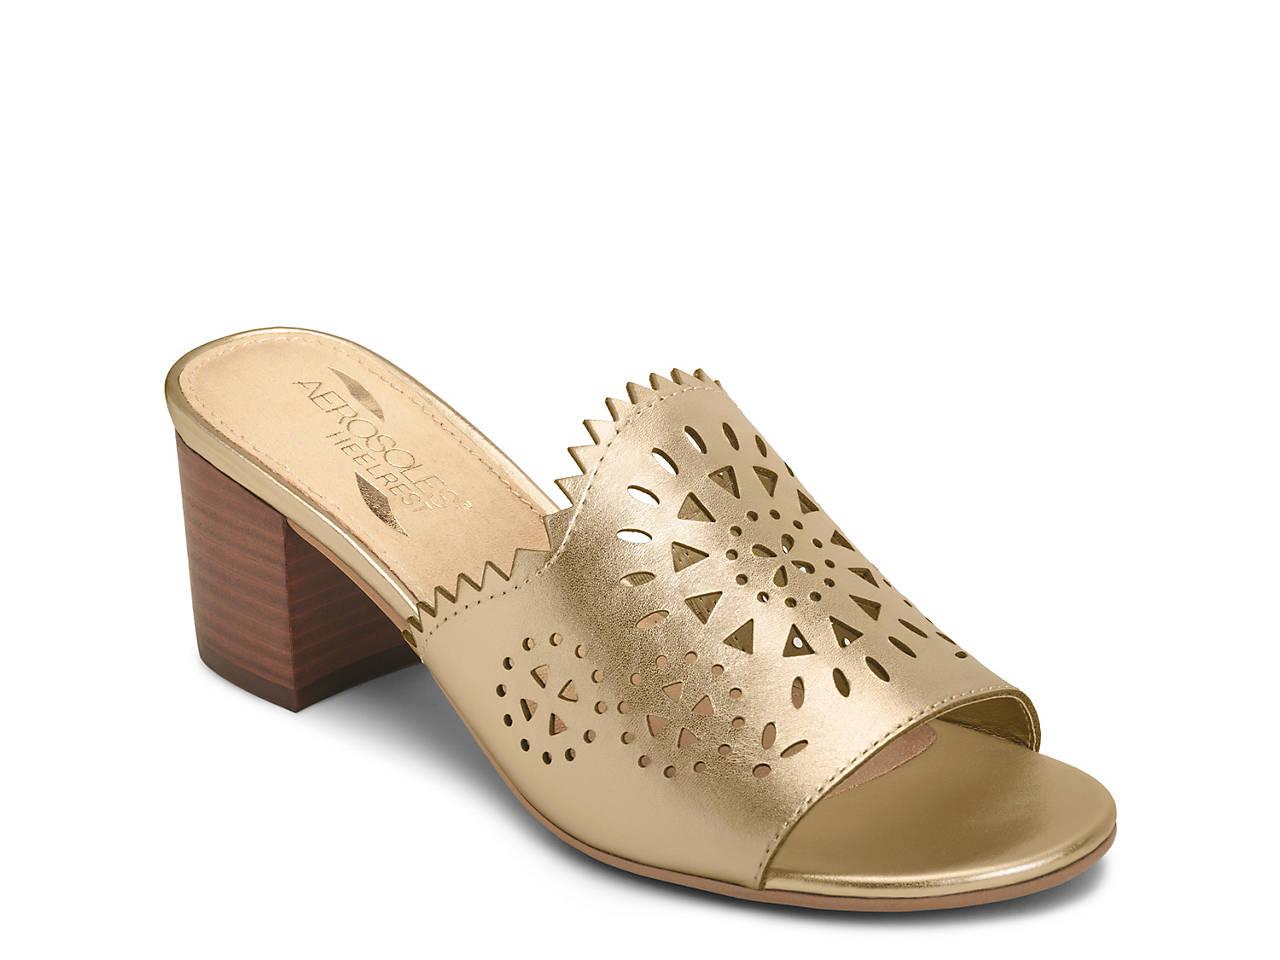 À Vendre Livraison Gratuite Aerosoles Sandale Slide Solstice D'été (femmes) Faux Rabais cwxlj0pQc5